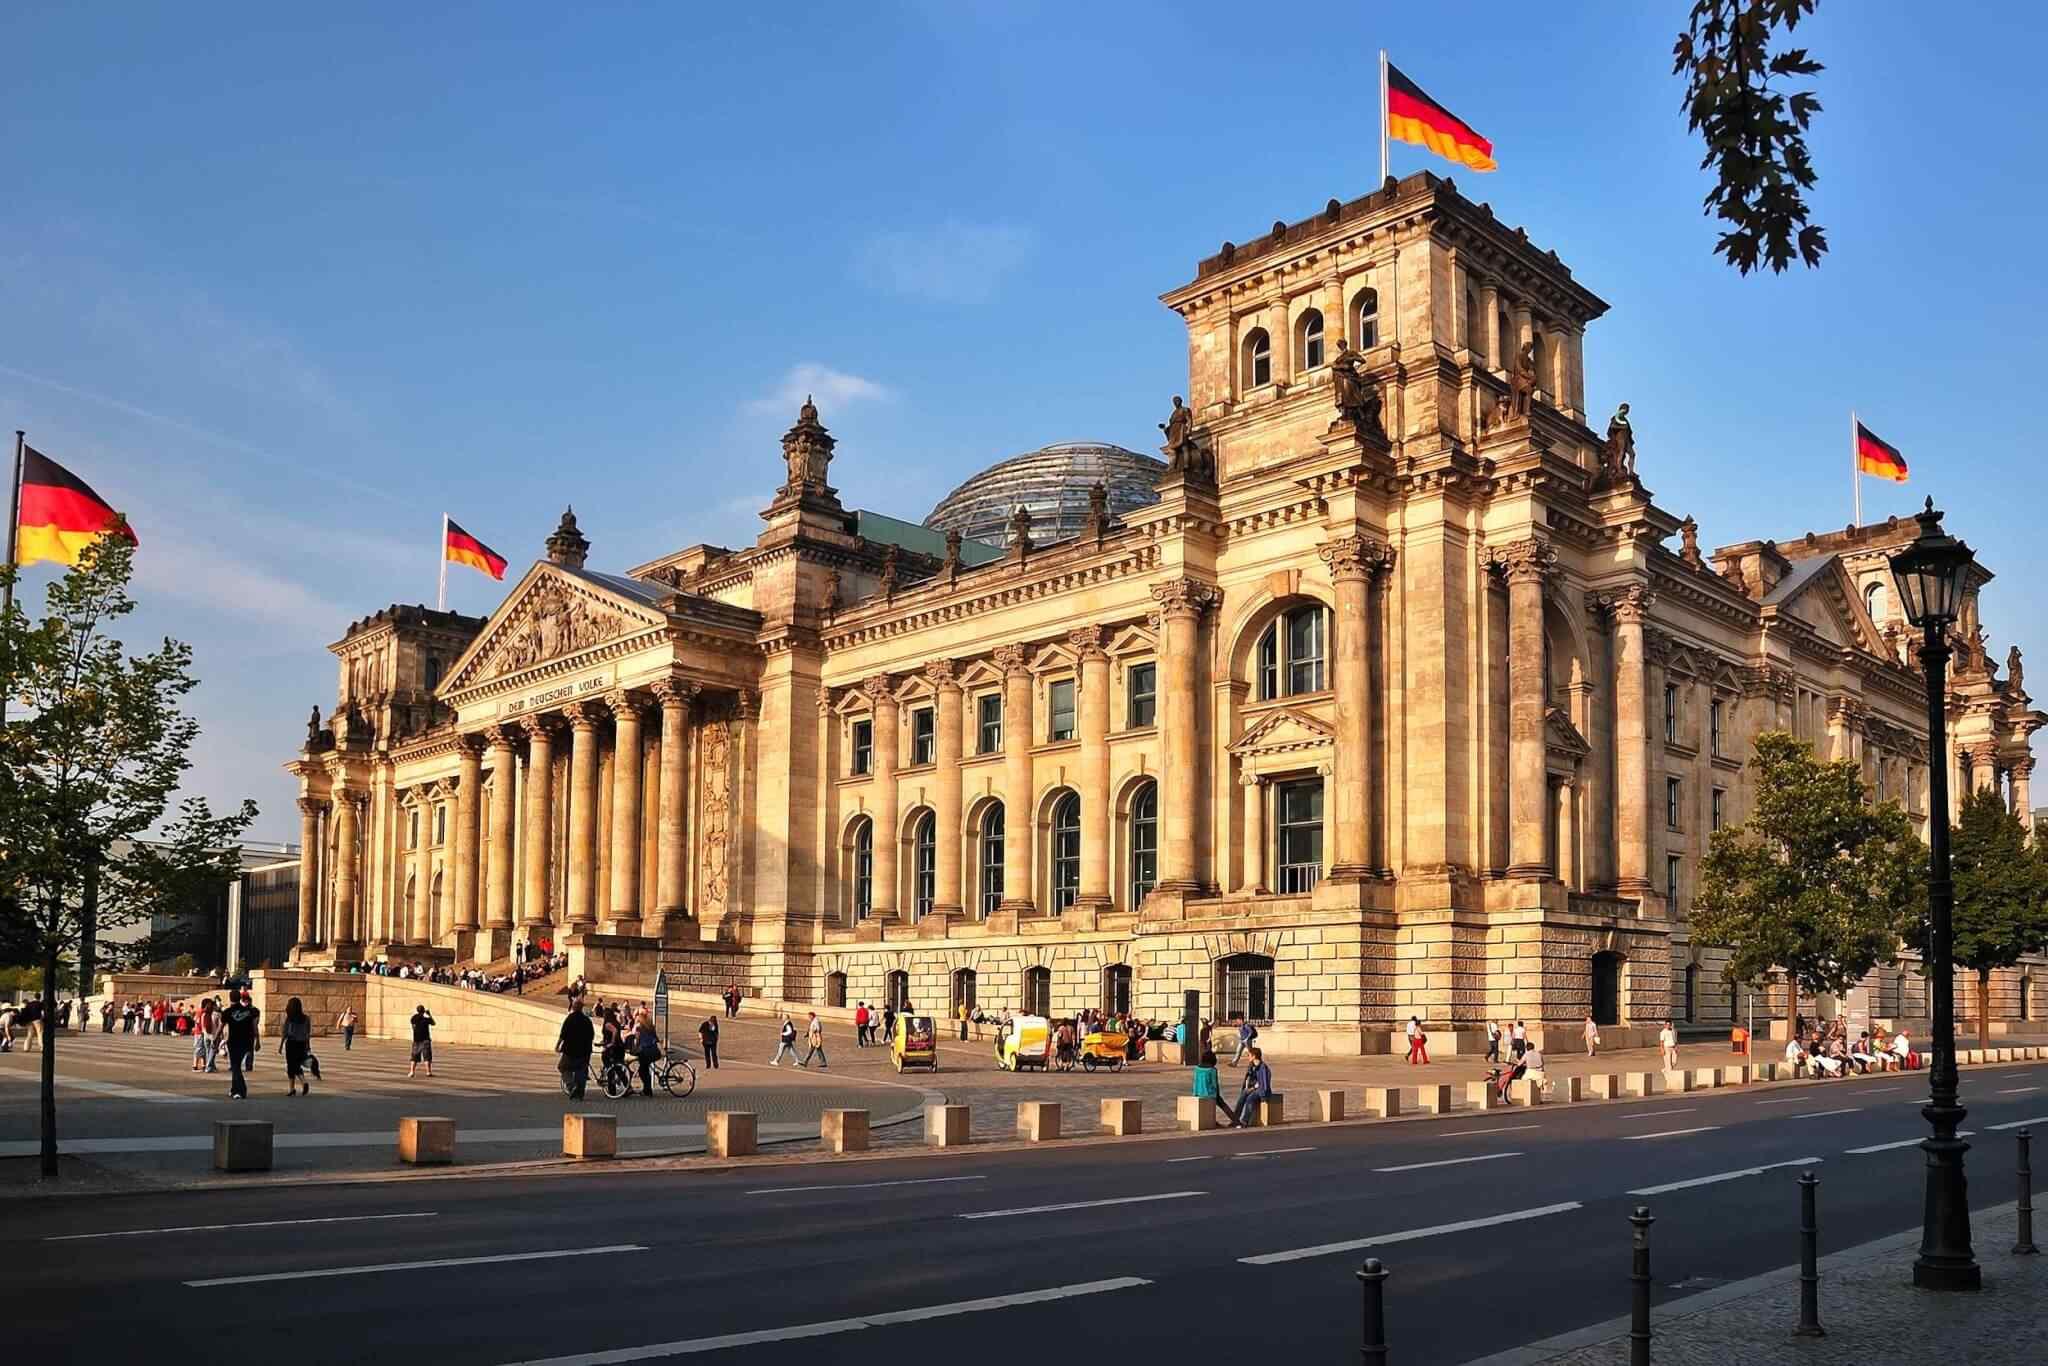 https://goiwv.com/wp-content/uploads/2018/09/destination-berlin-01.jpg